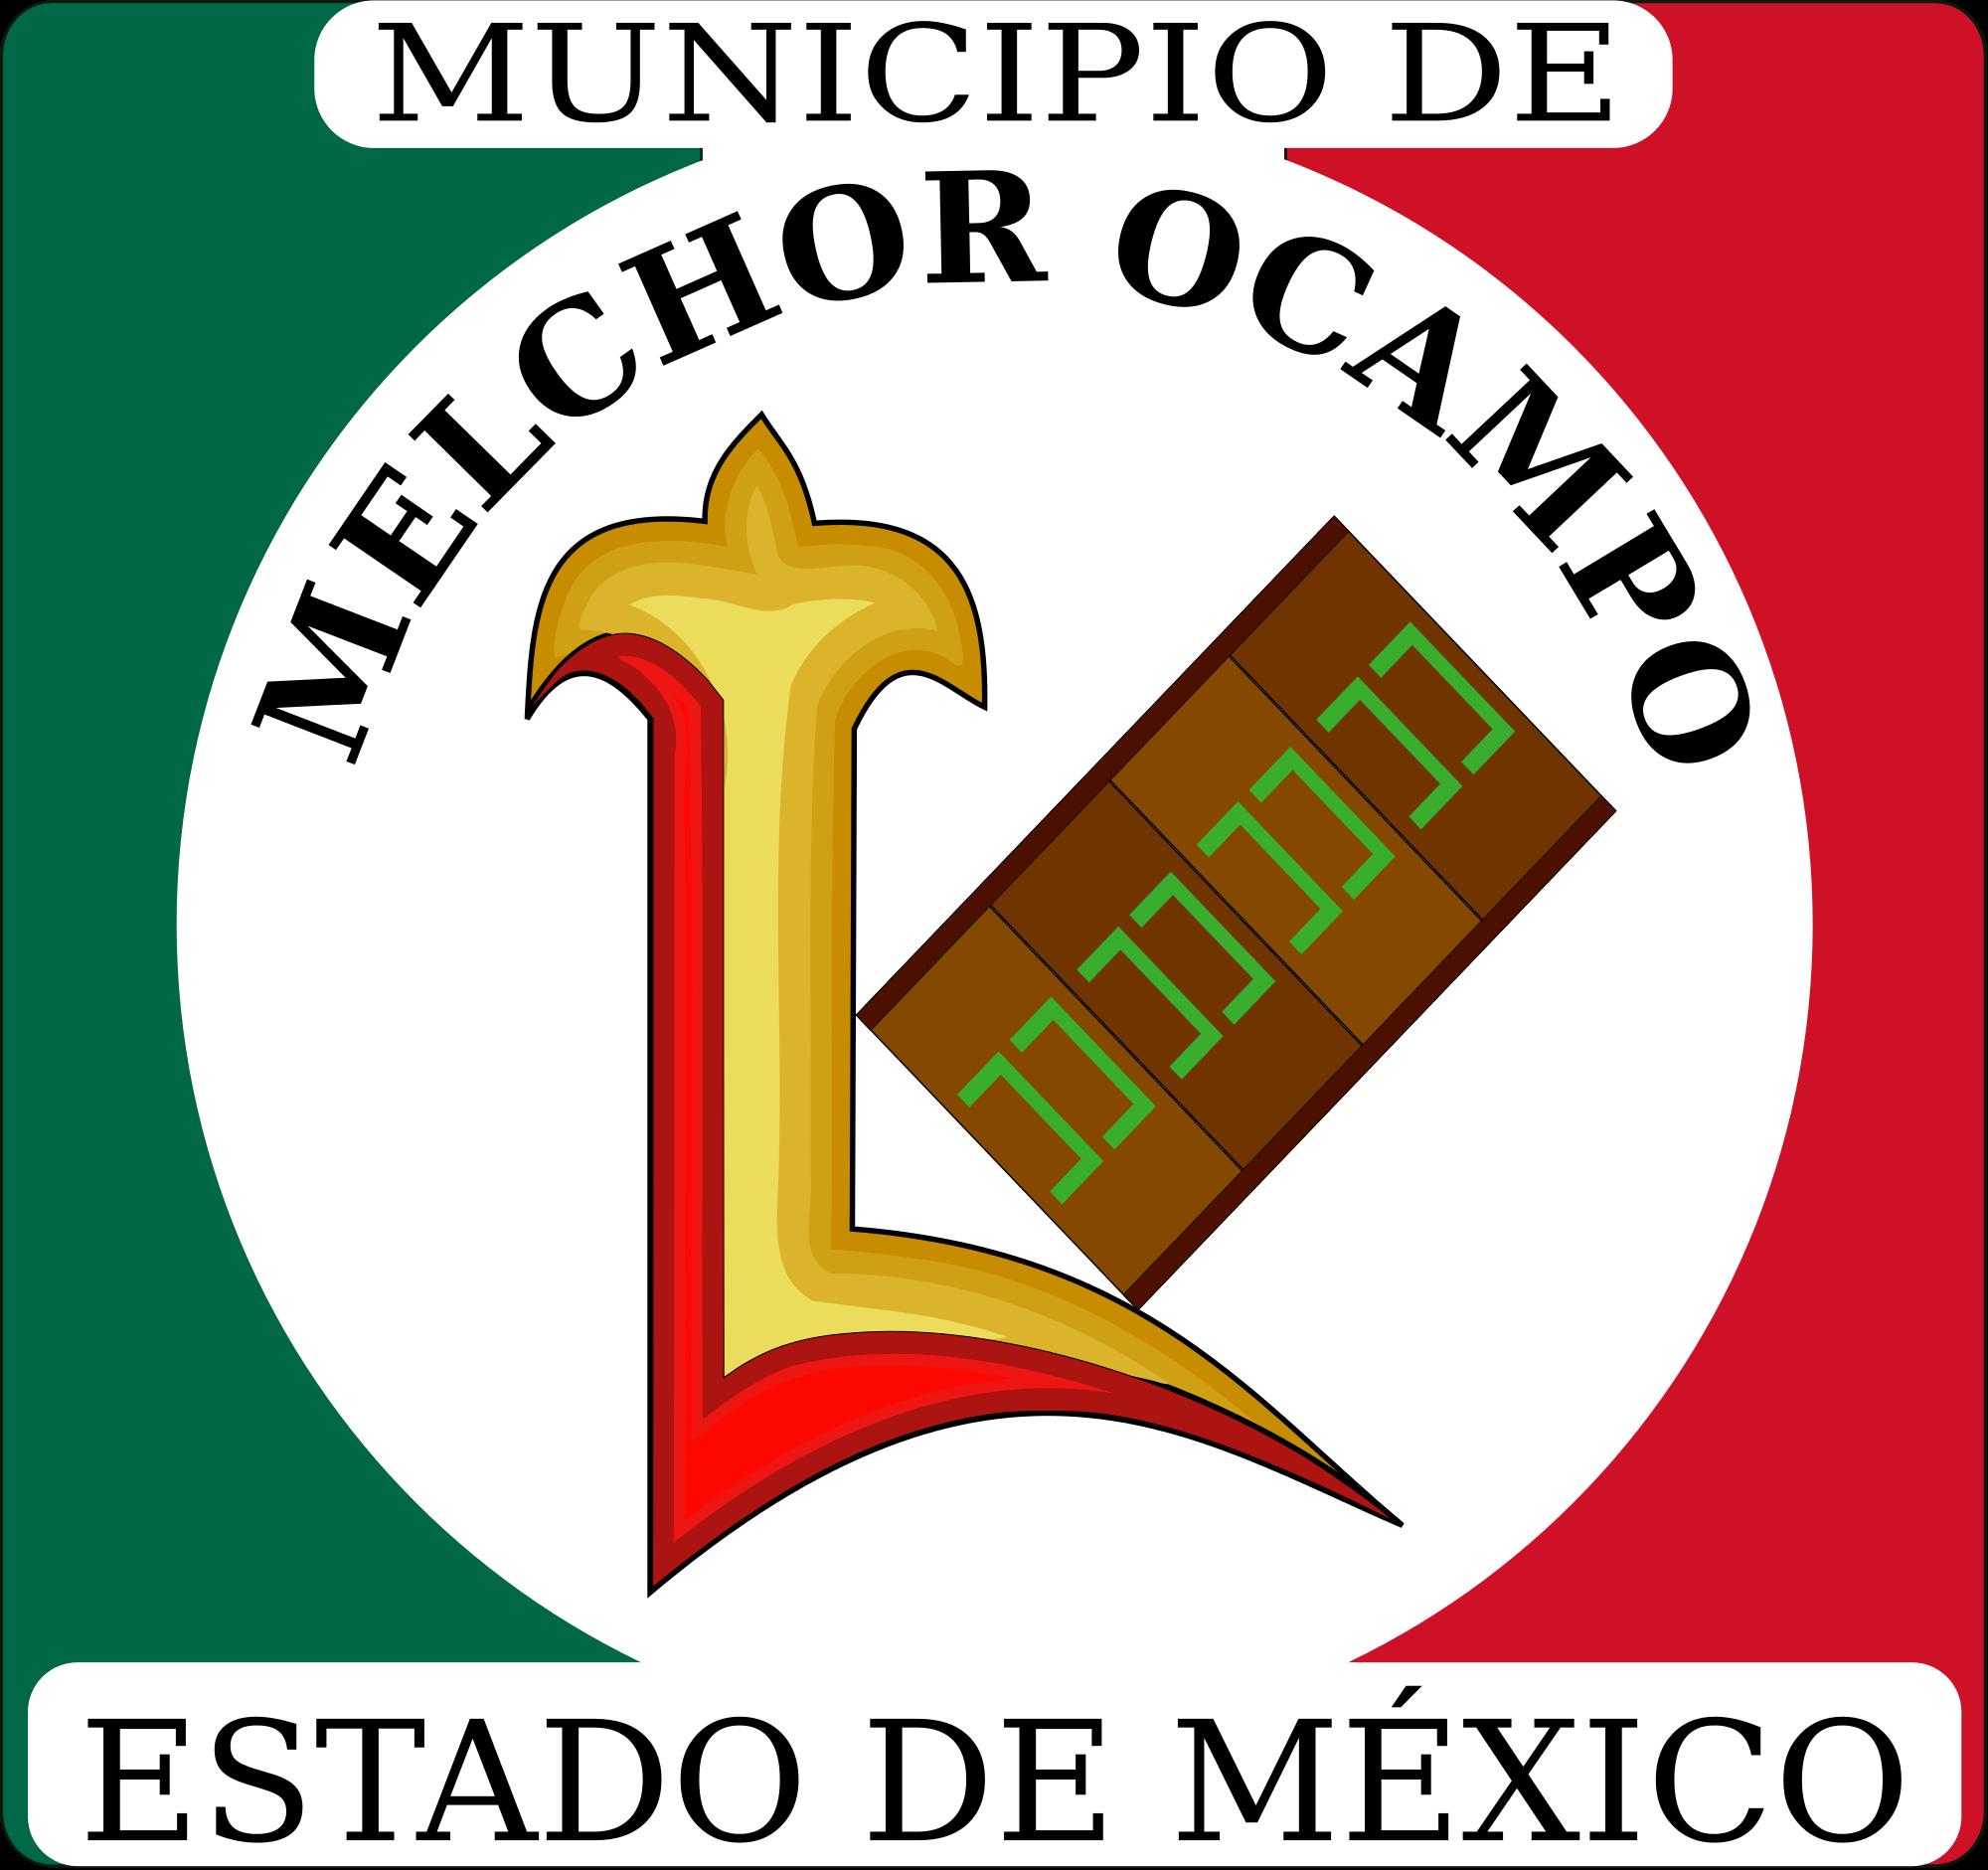 melchor_ocampo